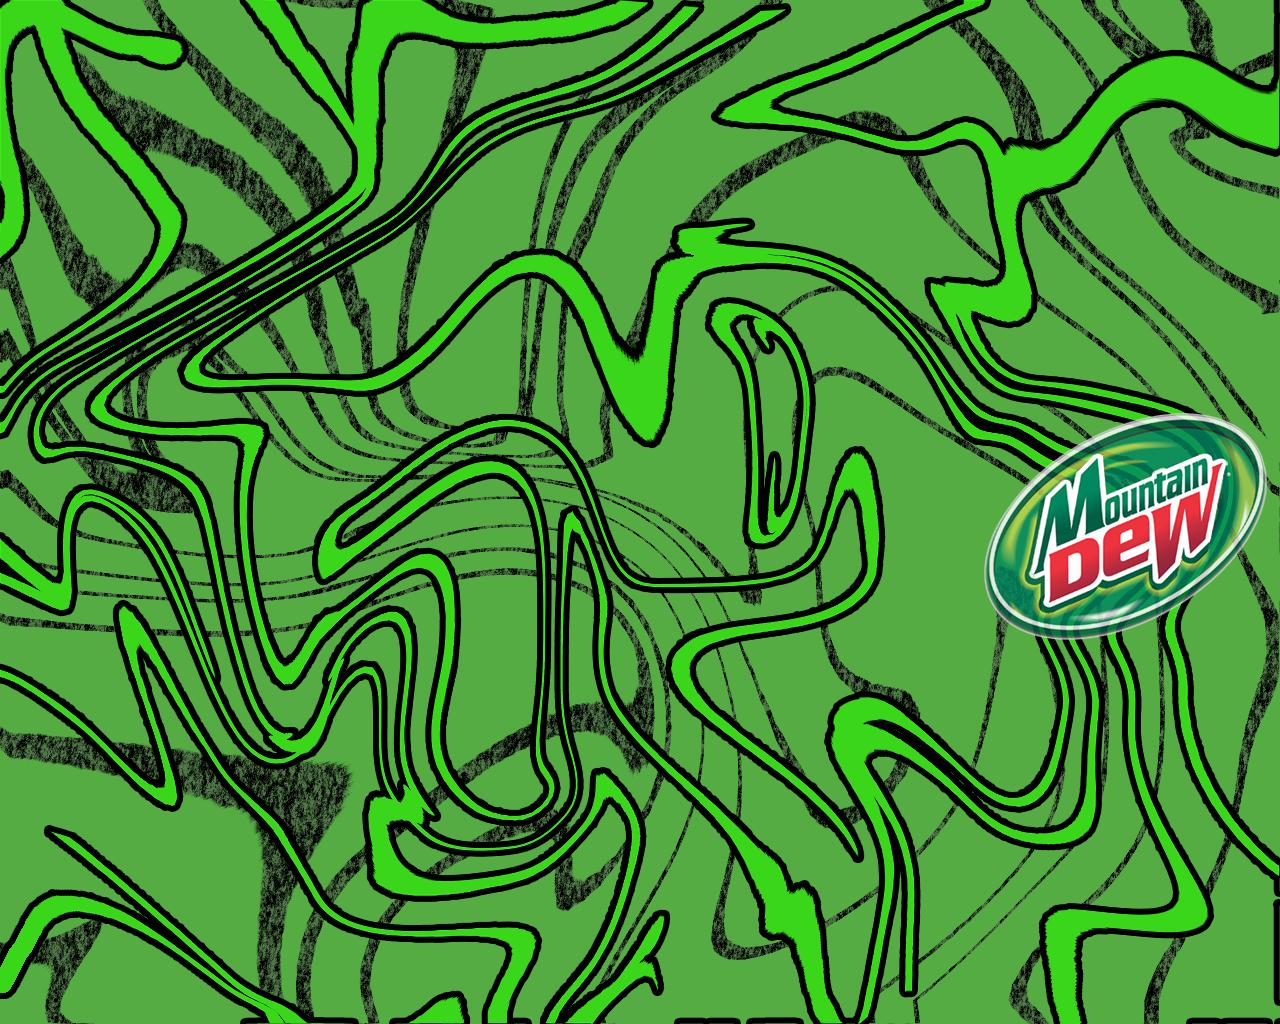 Mountain dew splash by darkgmr on deviantart - Diet mountain dew wallpaper ...